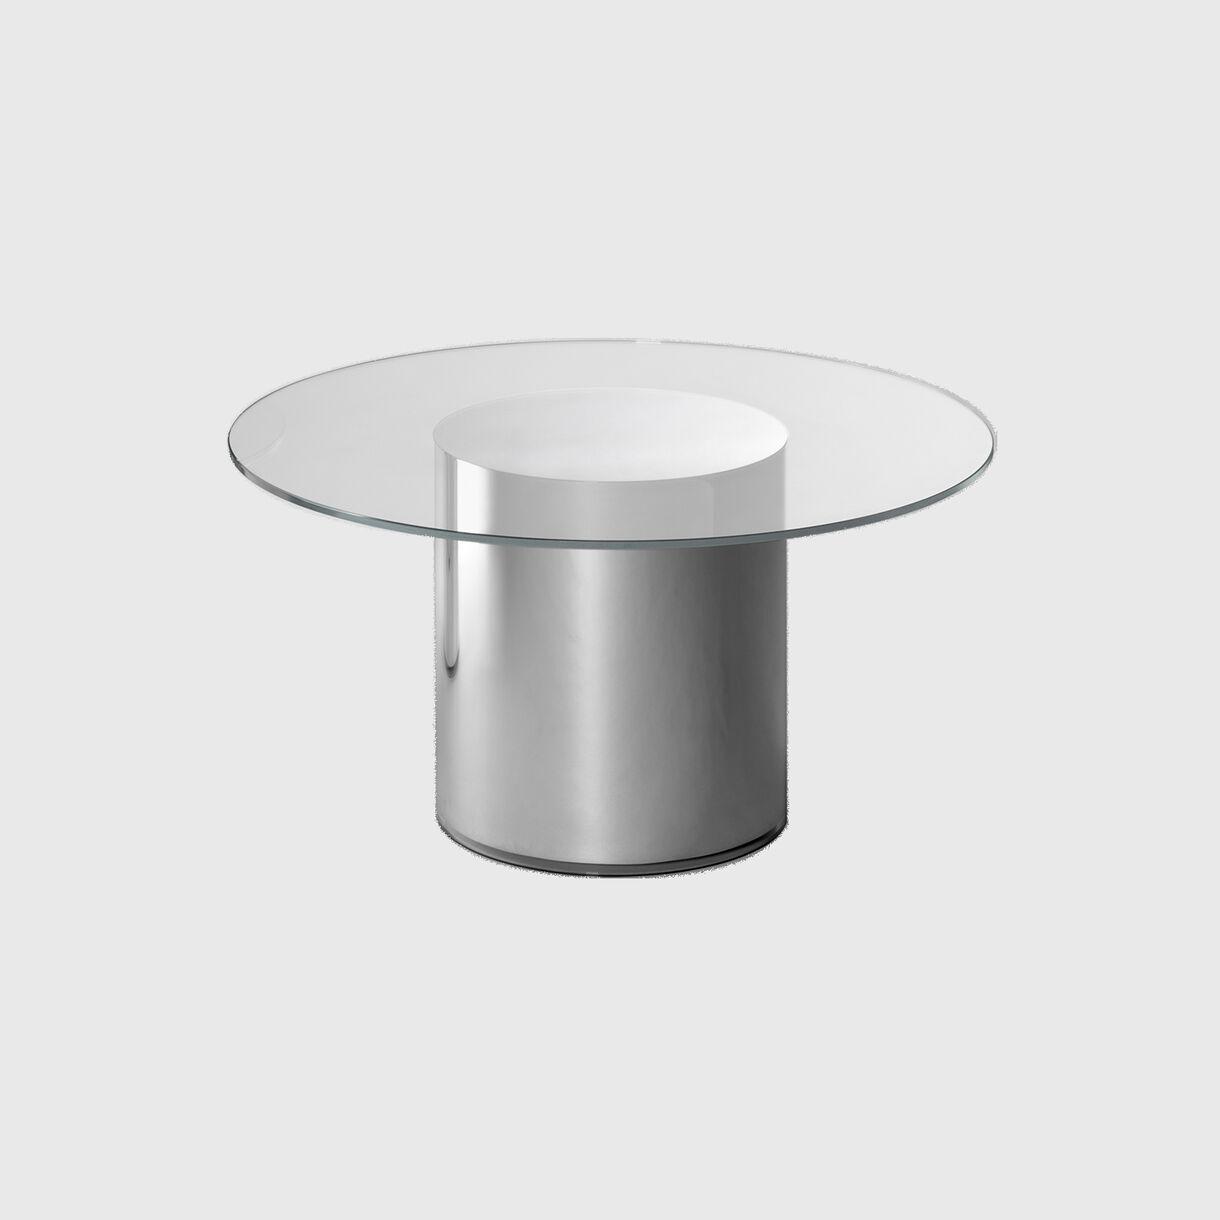 2001 Side Table, Medium